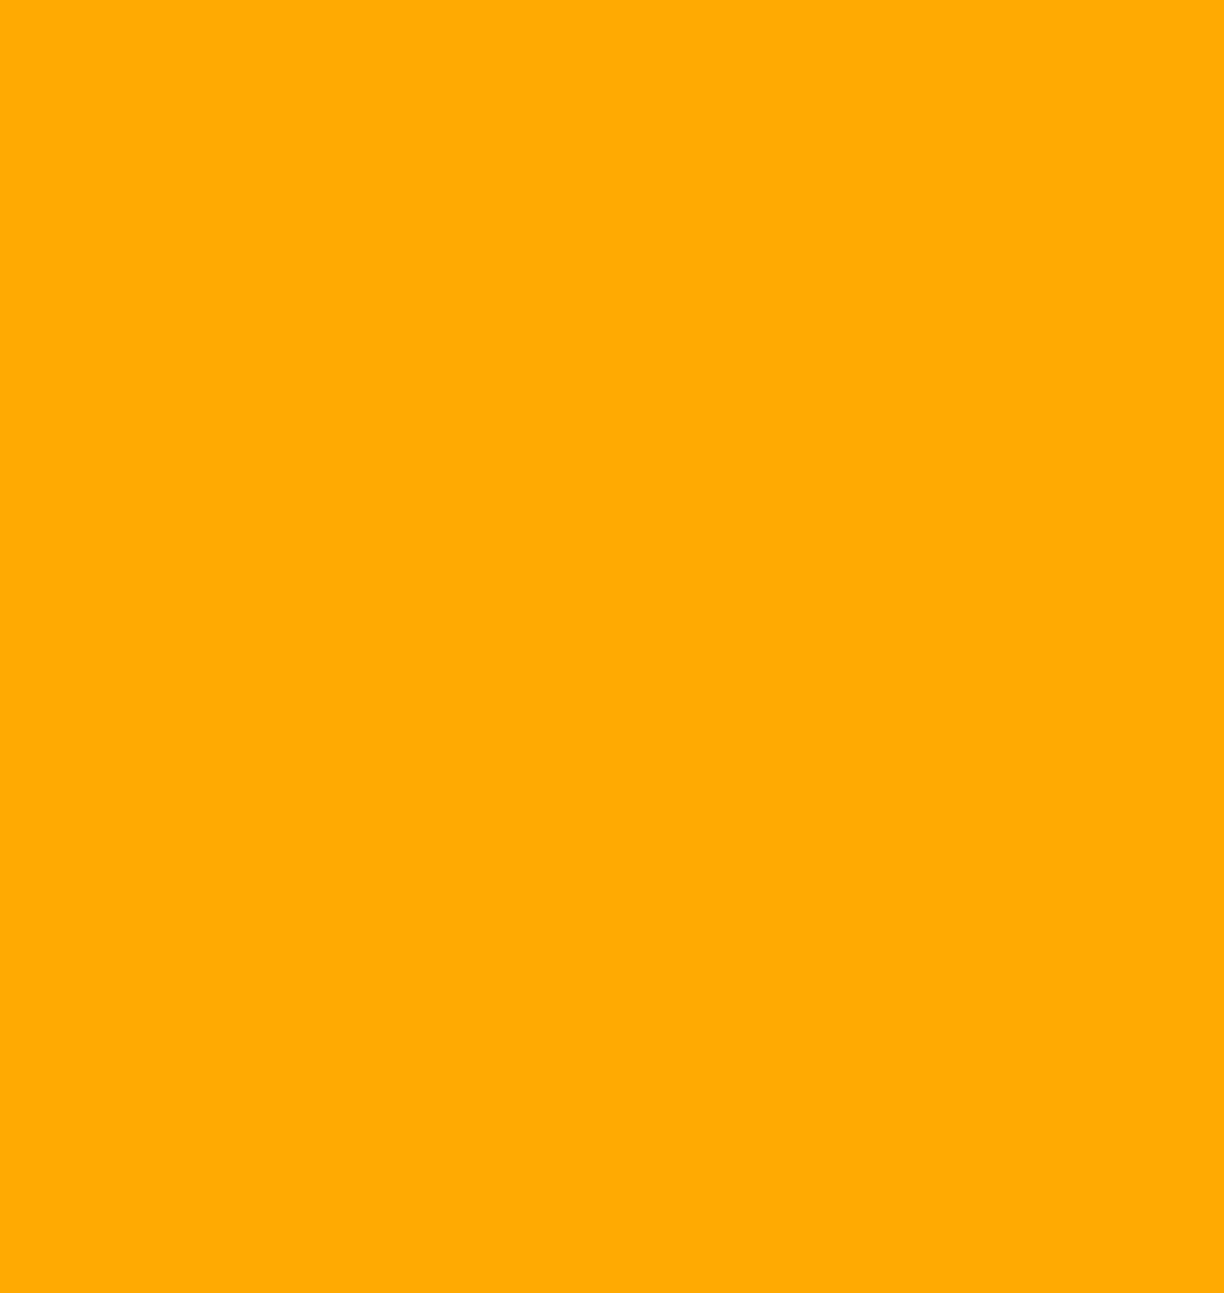 - Hace unas semanas se publicó por error, en una entrevista que me hicieron en la edición en español de arte de una revista estadounidense, algo que yo no dije: que la Ciudad de México es la capital más elegante y sofisticada de América Latina. Traté de enmendarlo, pero al parecer este intento de corrección se perdió y así también el mensaje real. Por frases y afirmaciones como ésas es como tendemos a minimizarnos; a recluirnos en lo parecido a nosotros por temor a enfrentarnos a algo que aparentemente es superior y no podemos manejar o no entendemos. Dicho de otra manera, nos segregamos y excluimos de lo que pasa en el mundo